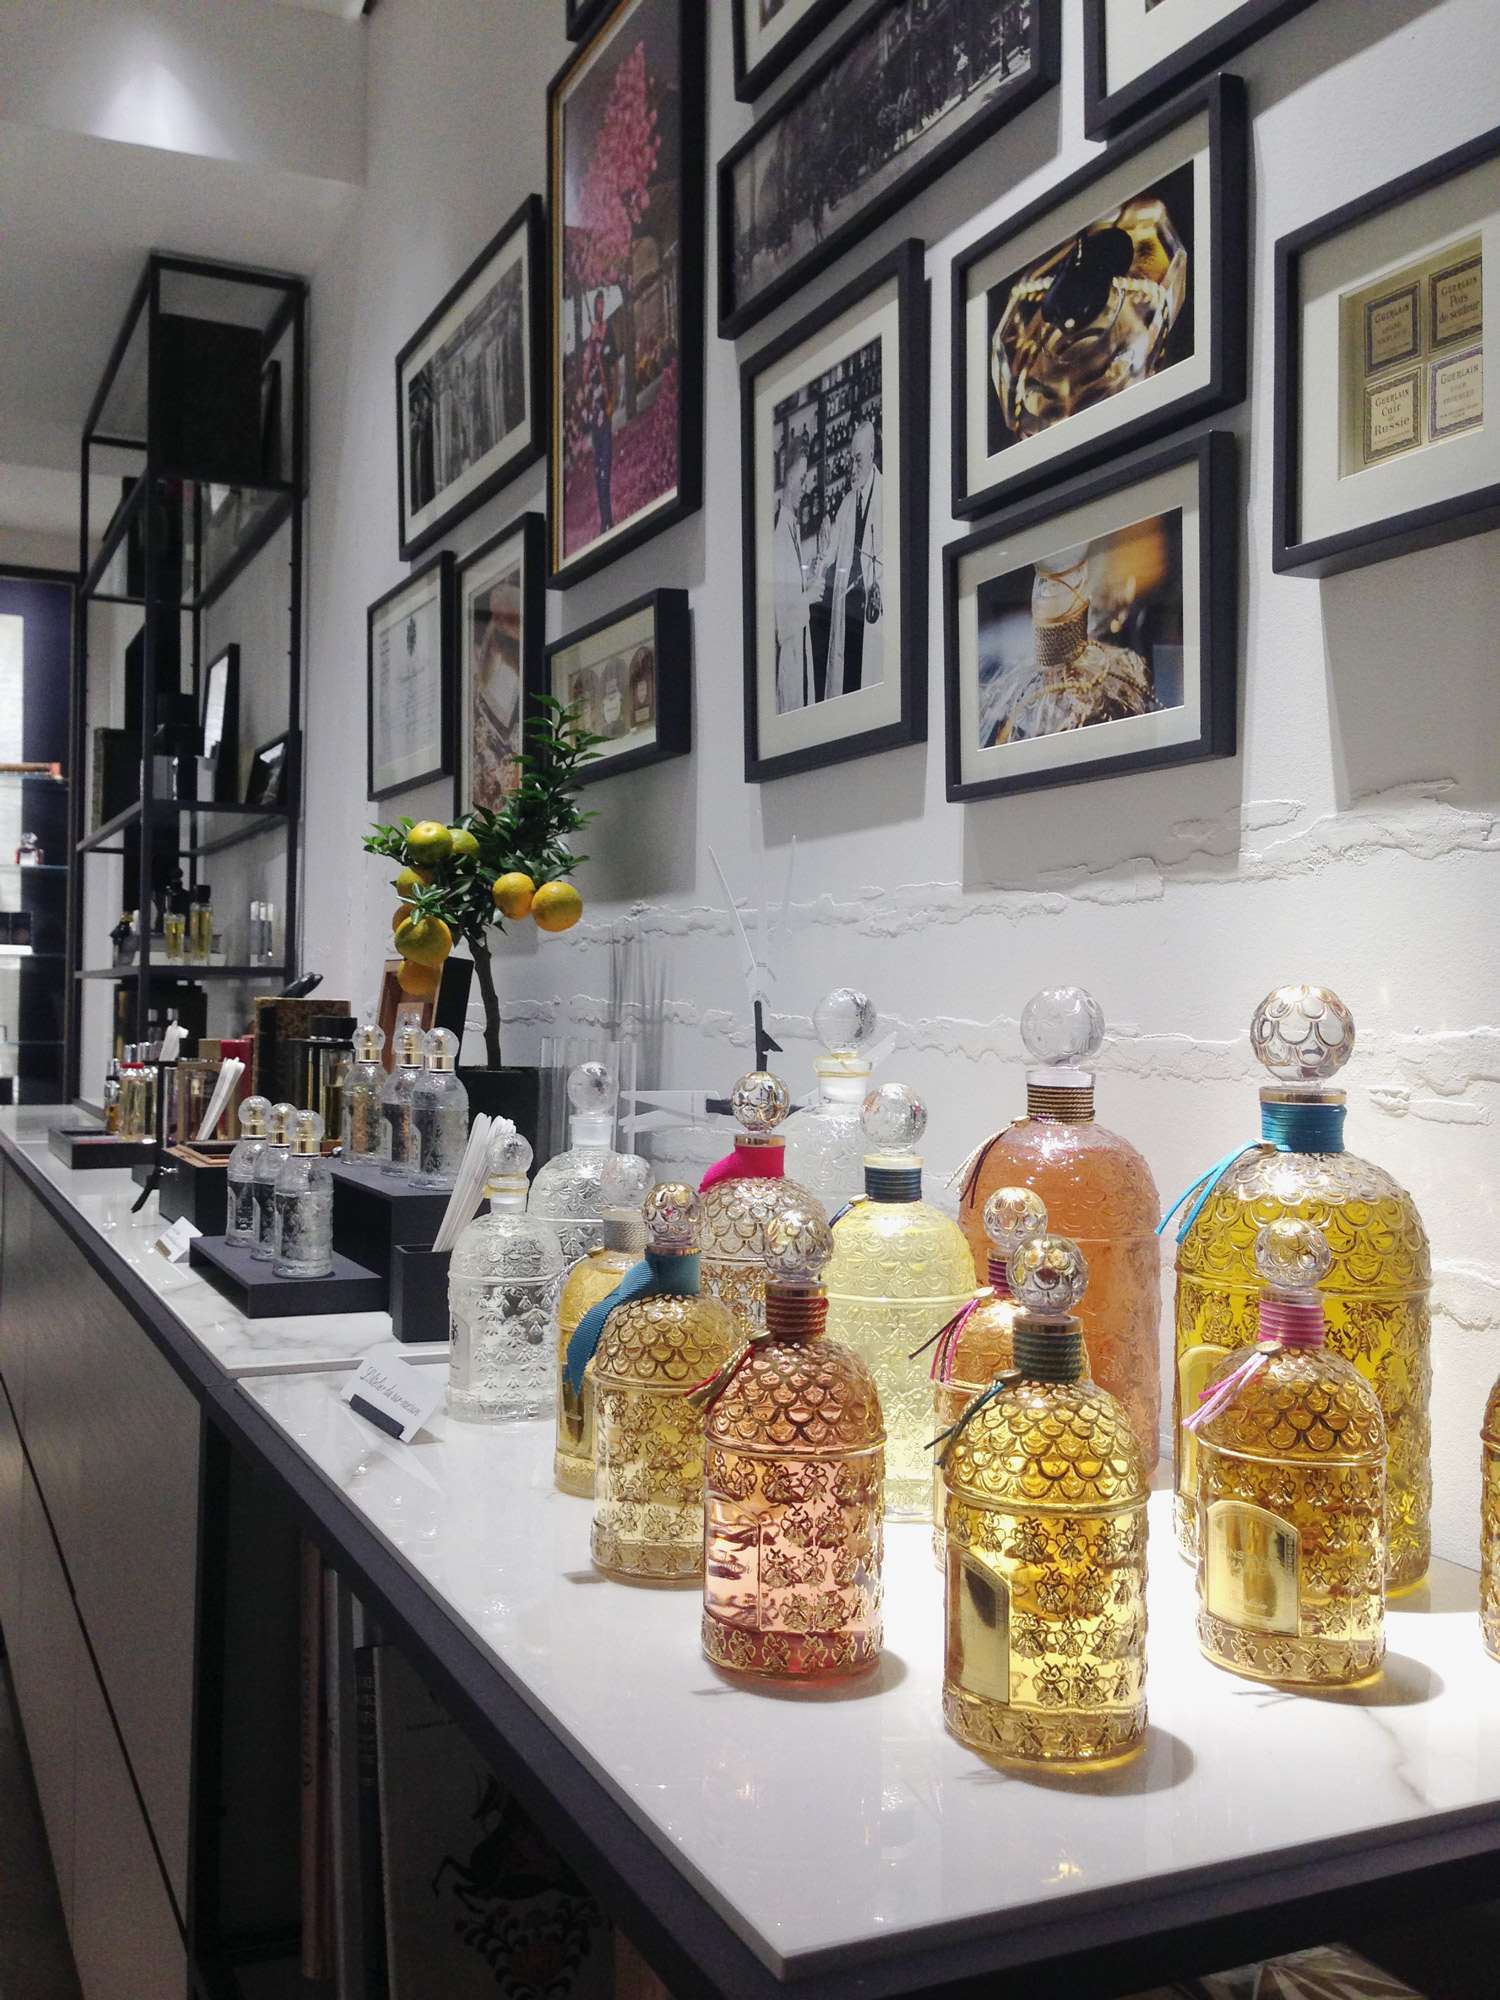 Design Du Célébration Par De L'art GuerlainVolcan La Parfum 8wOkn0P